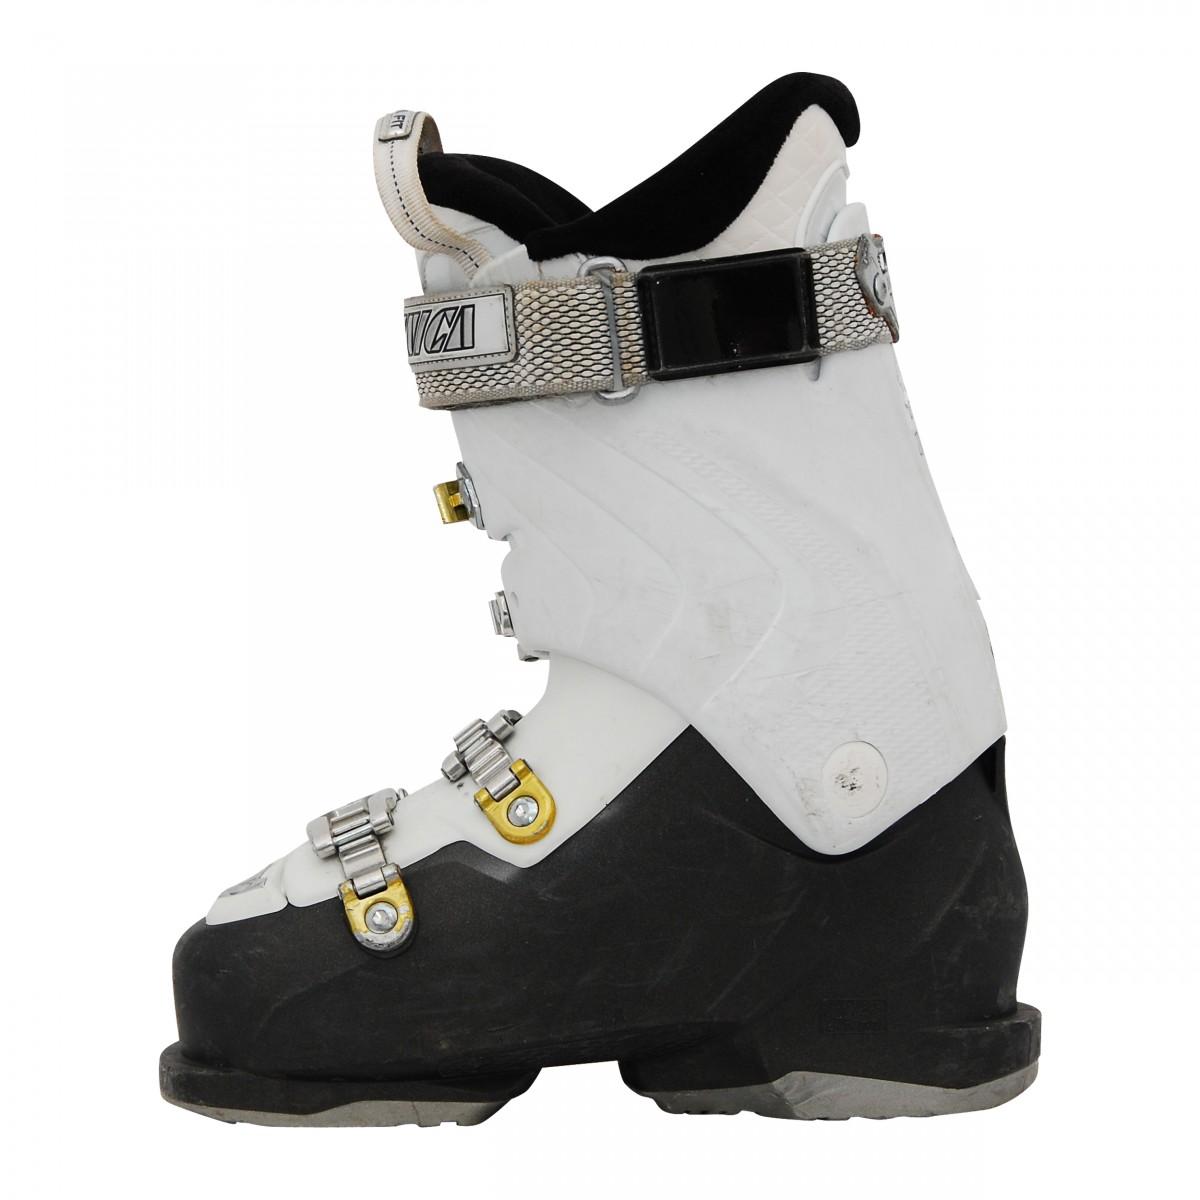 Chaussures de ski occasion femme Tecnica ten 2 noirblanc